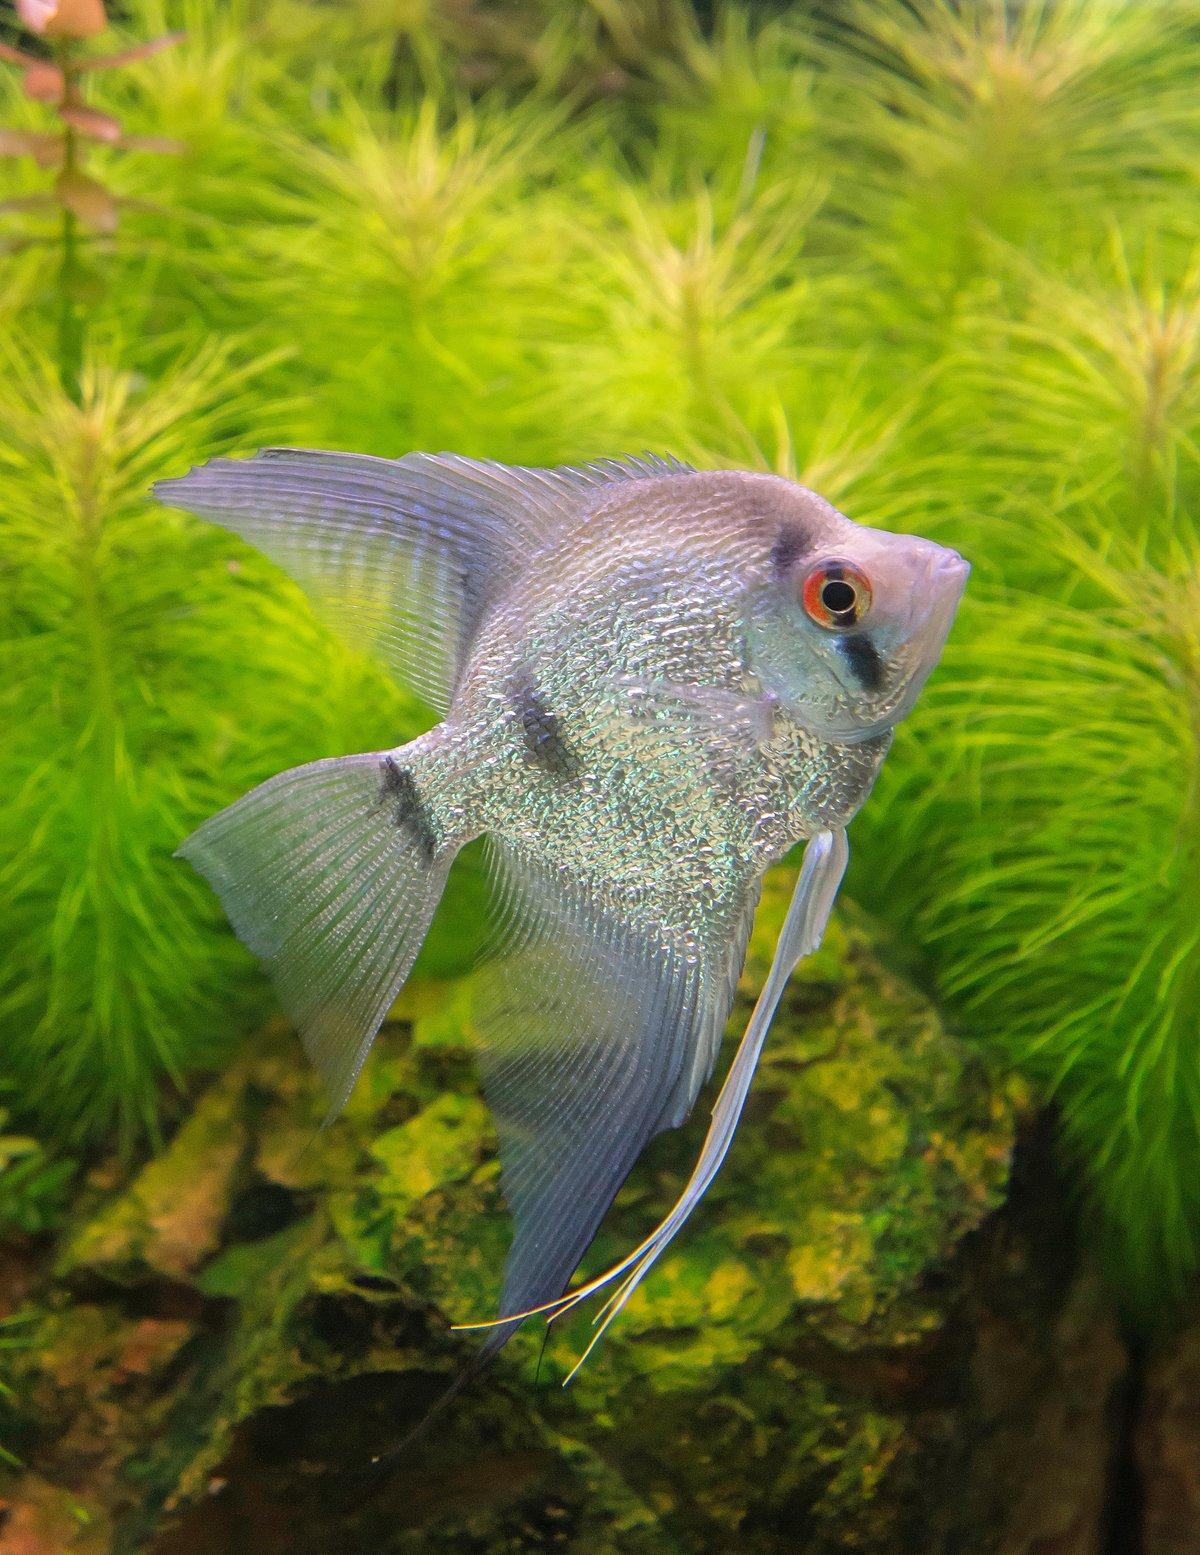 хищные рыбы название фото аквариумные форма ногтей